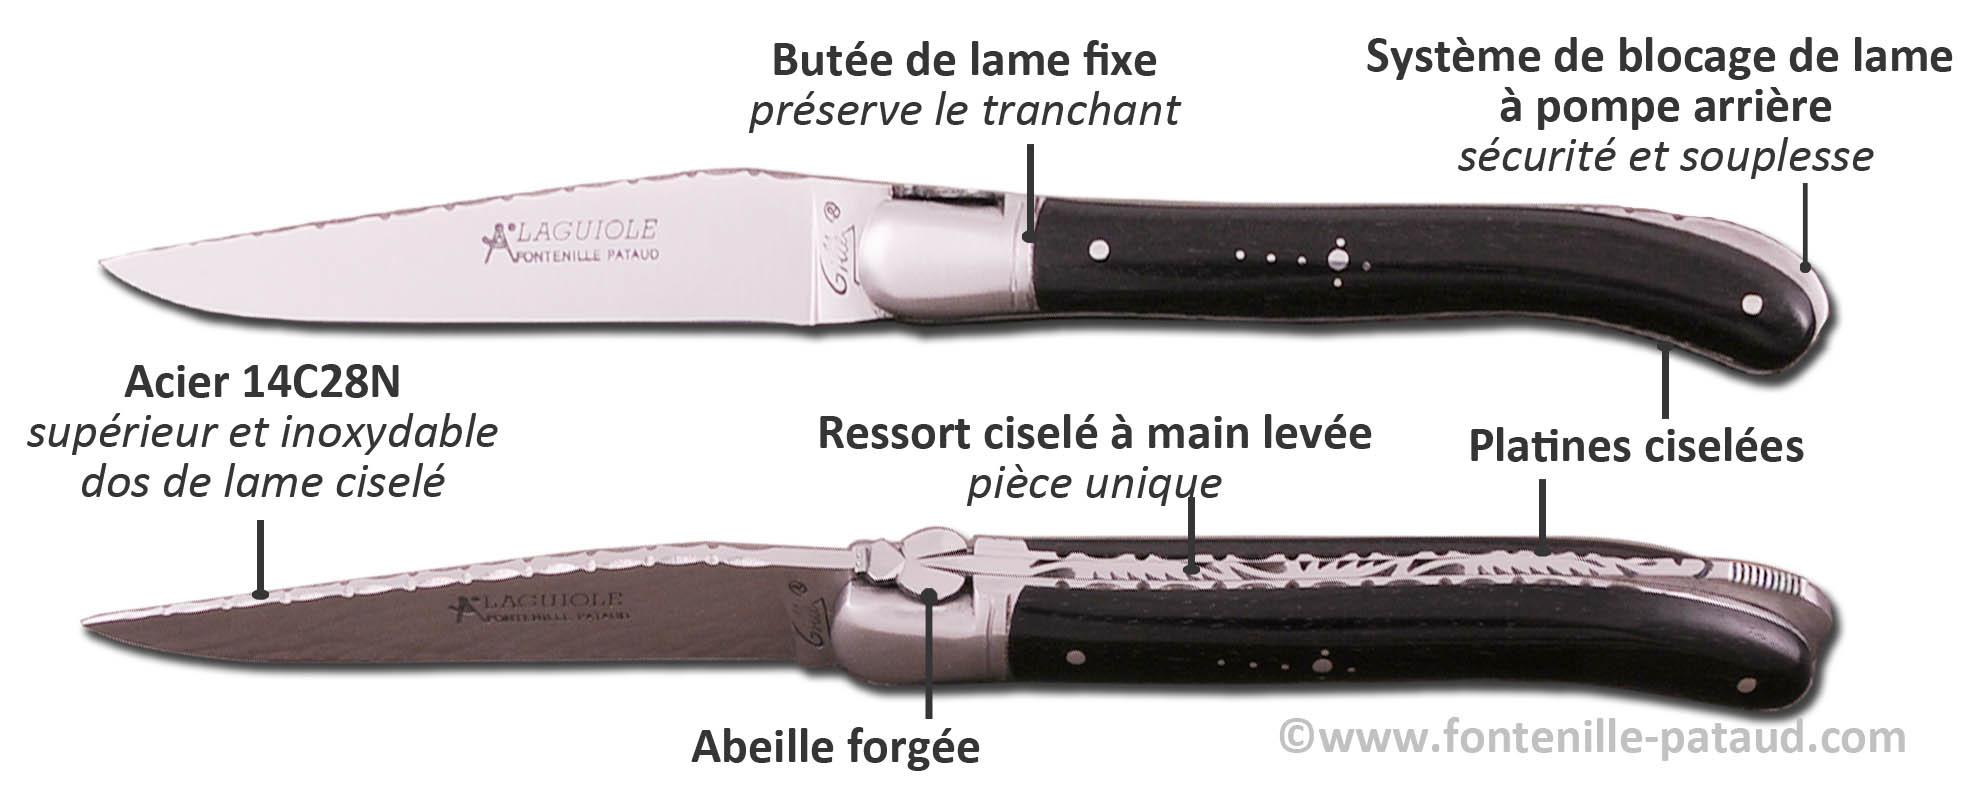 Couteau Laguiole Nature guilloché avec système de blocage de lame